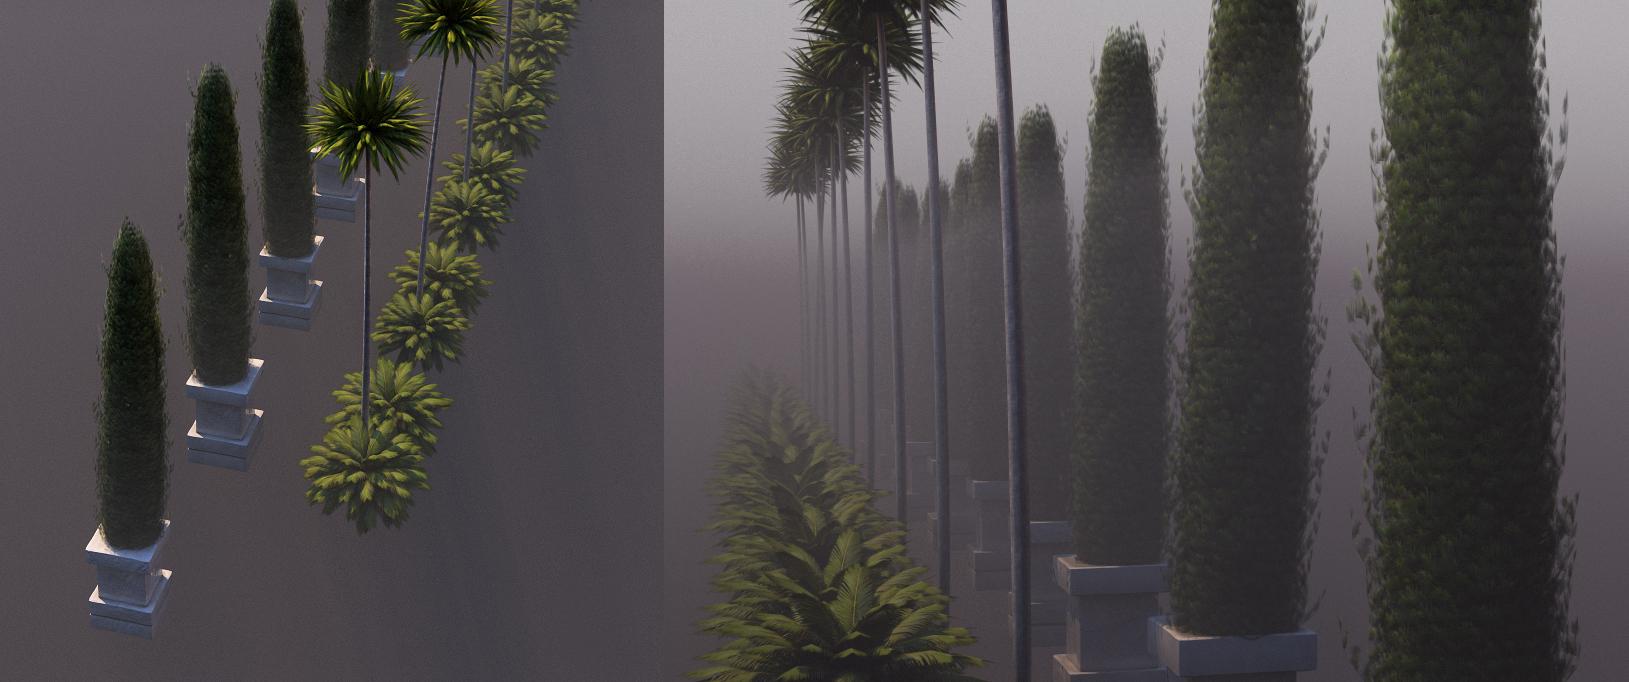 bridge and plants